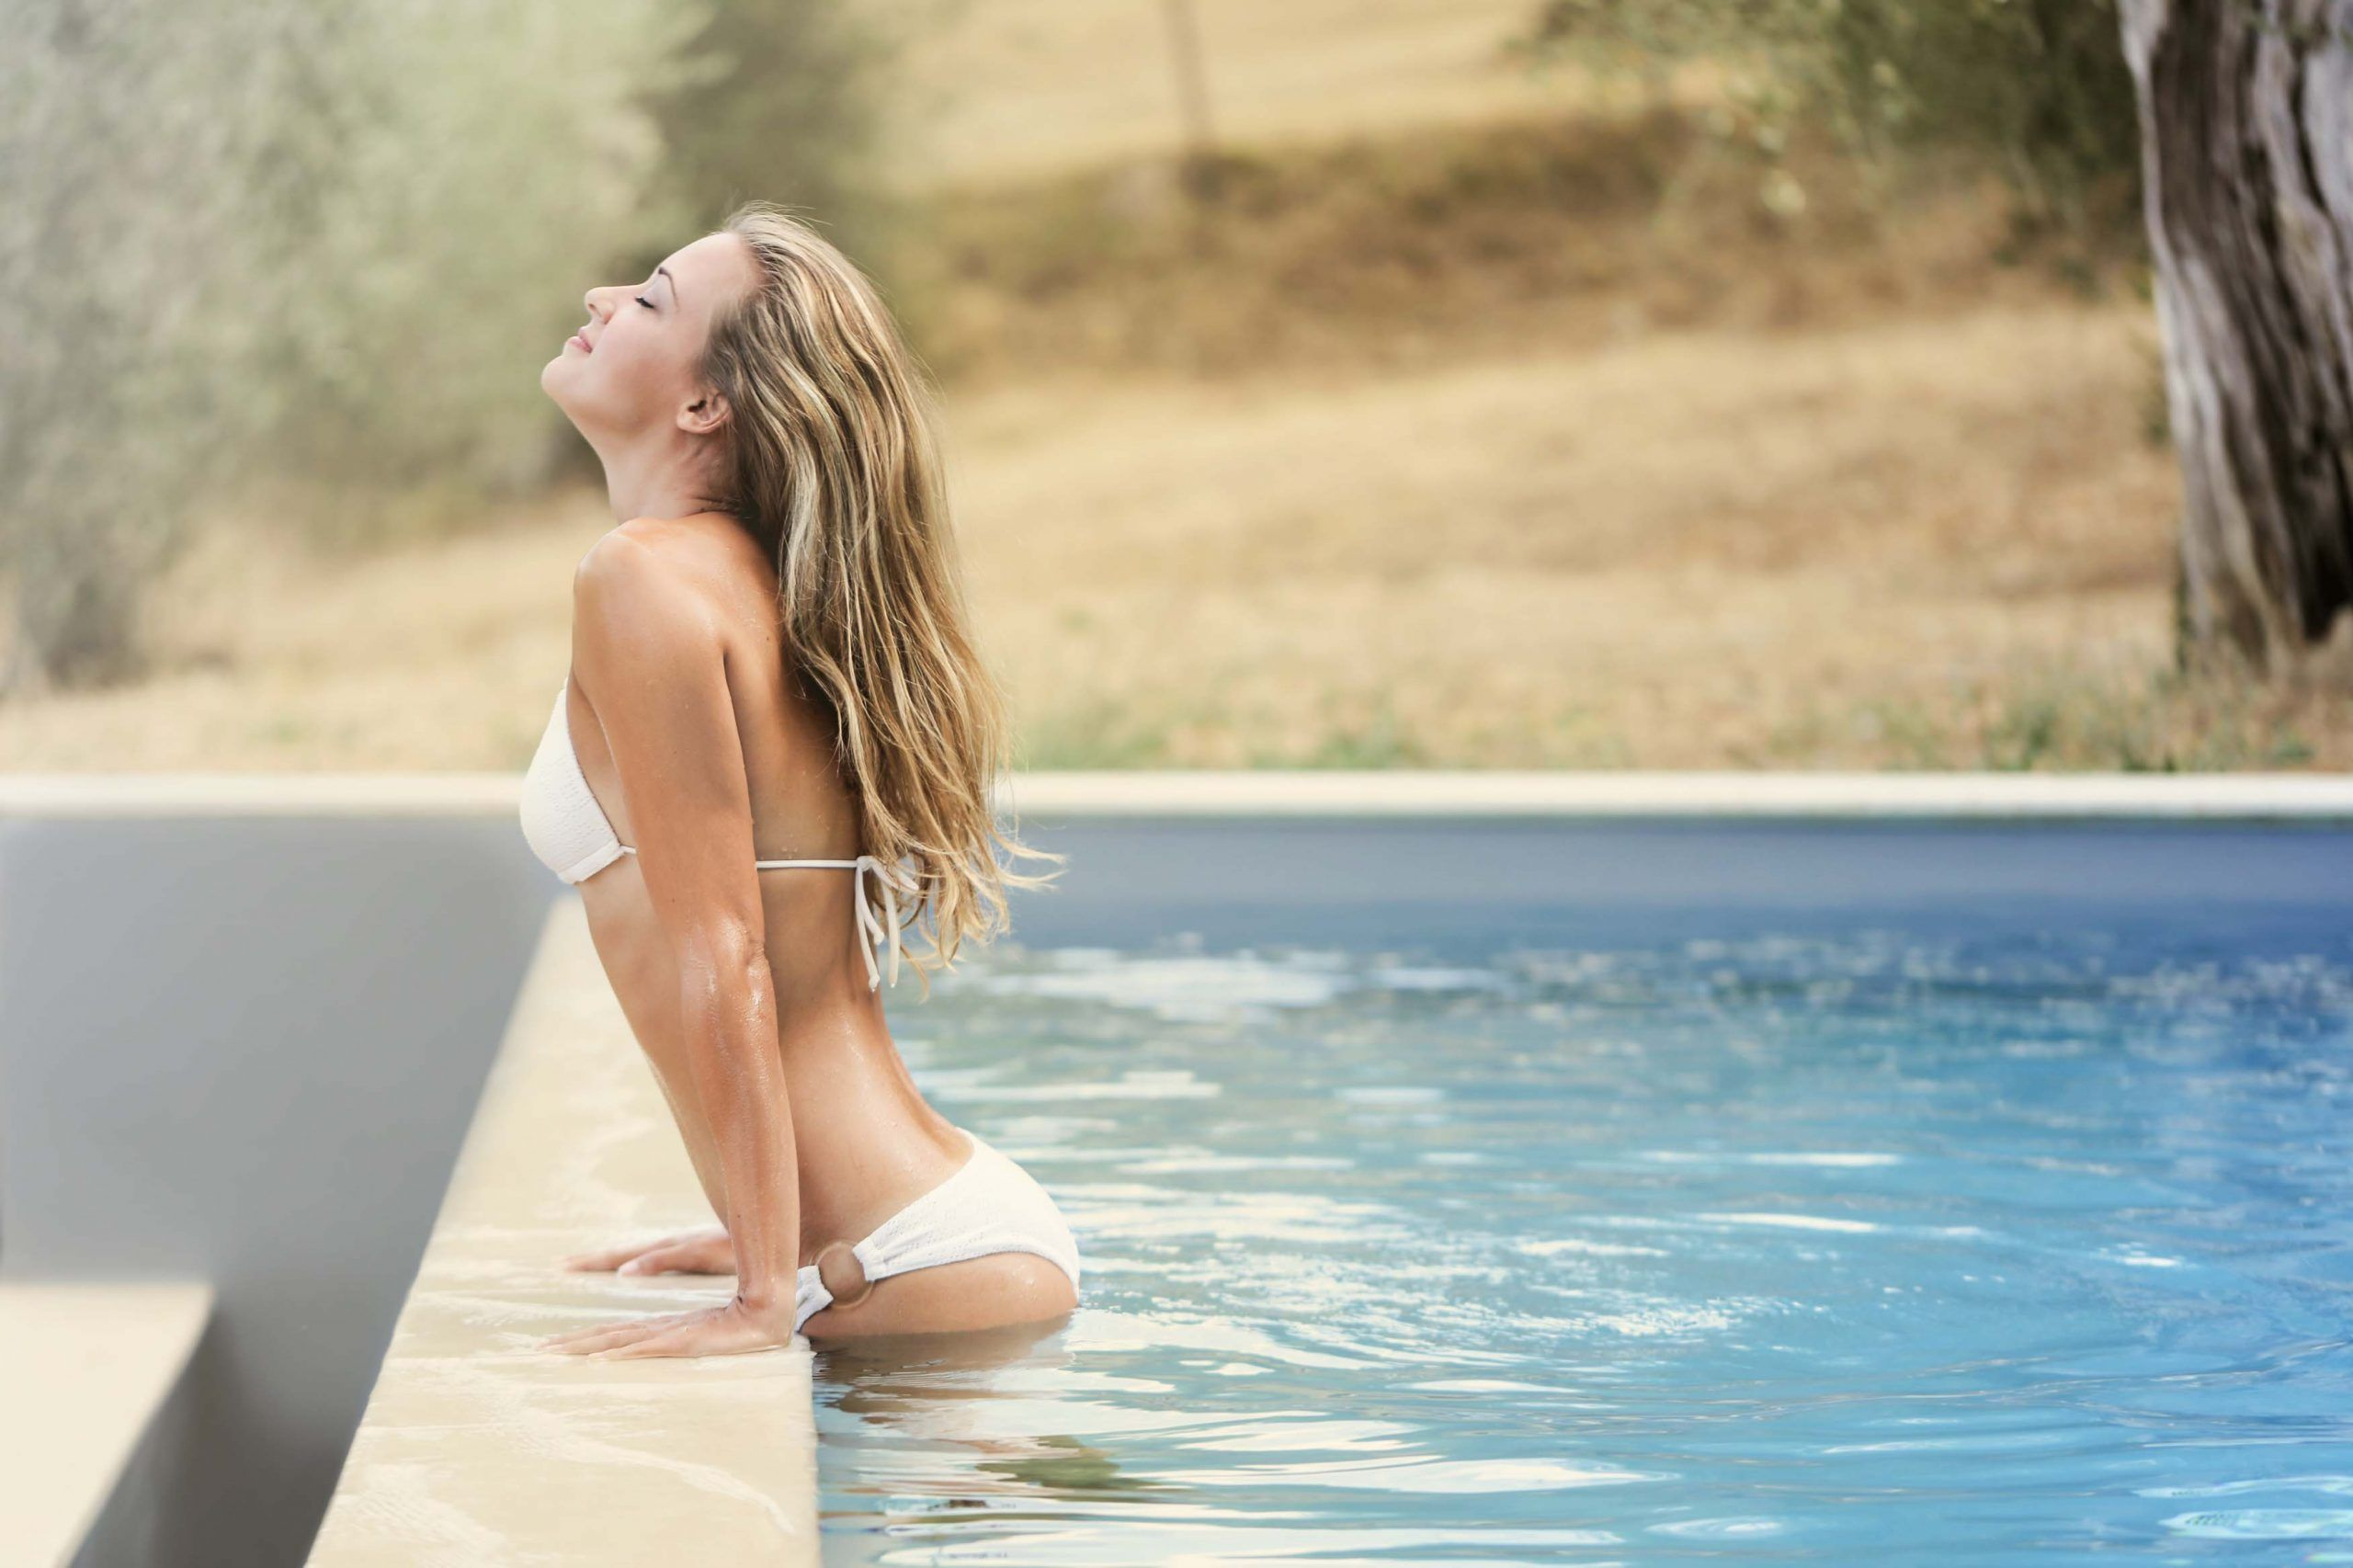 10 gestos con los que maltratas tu piel en verano